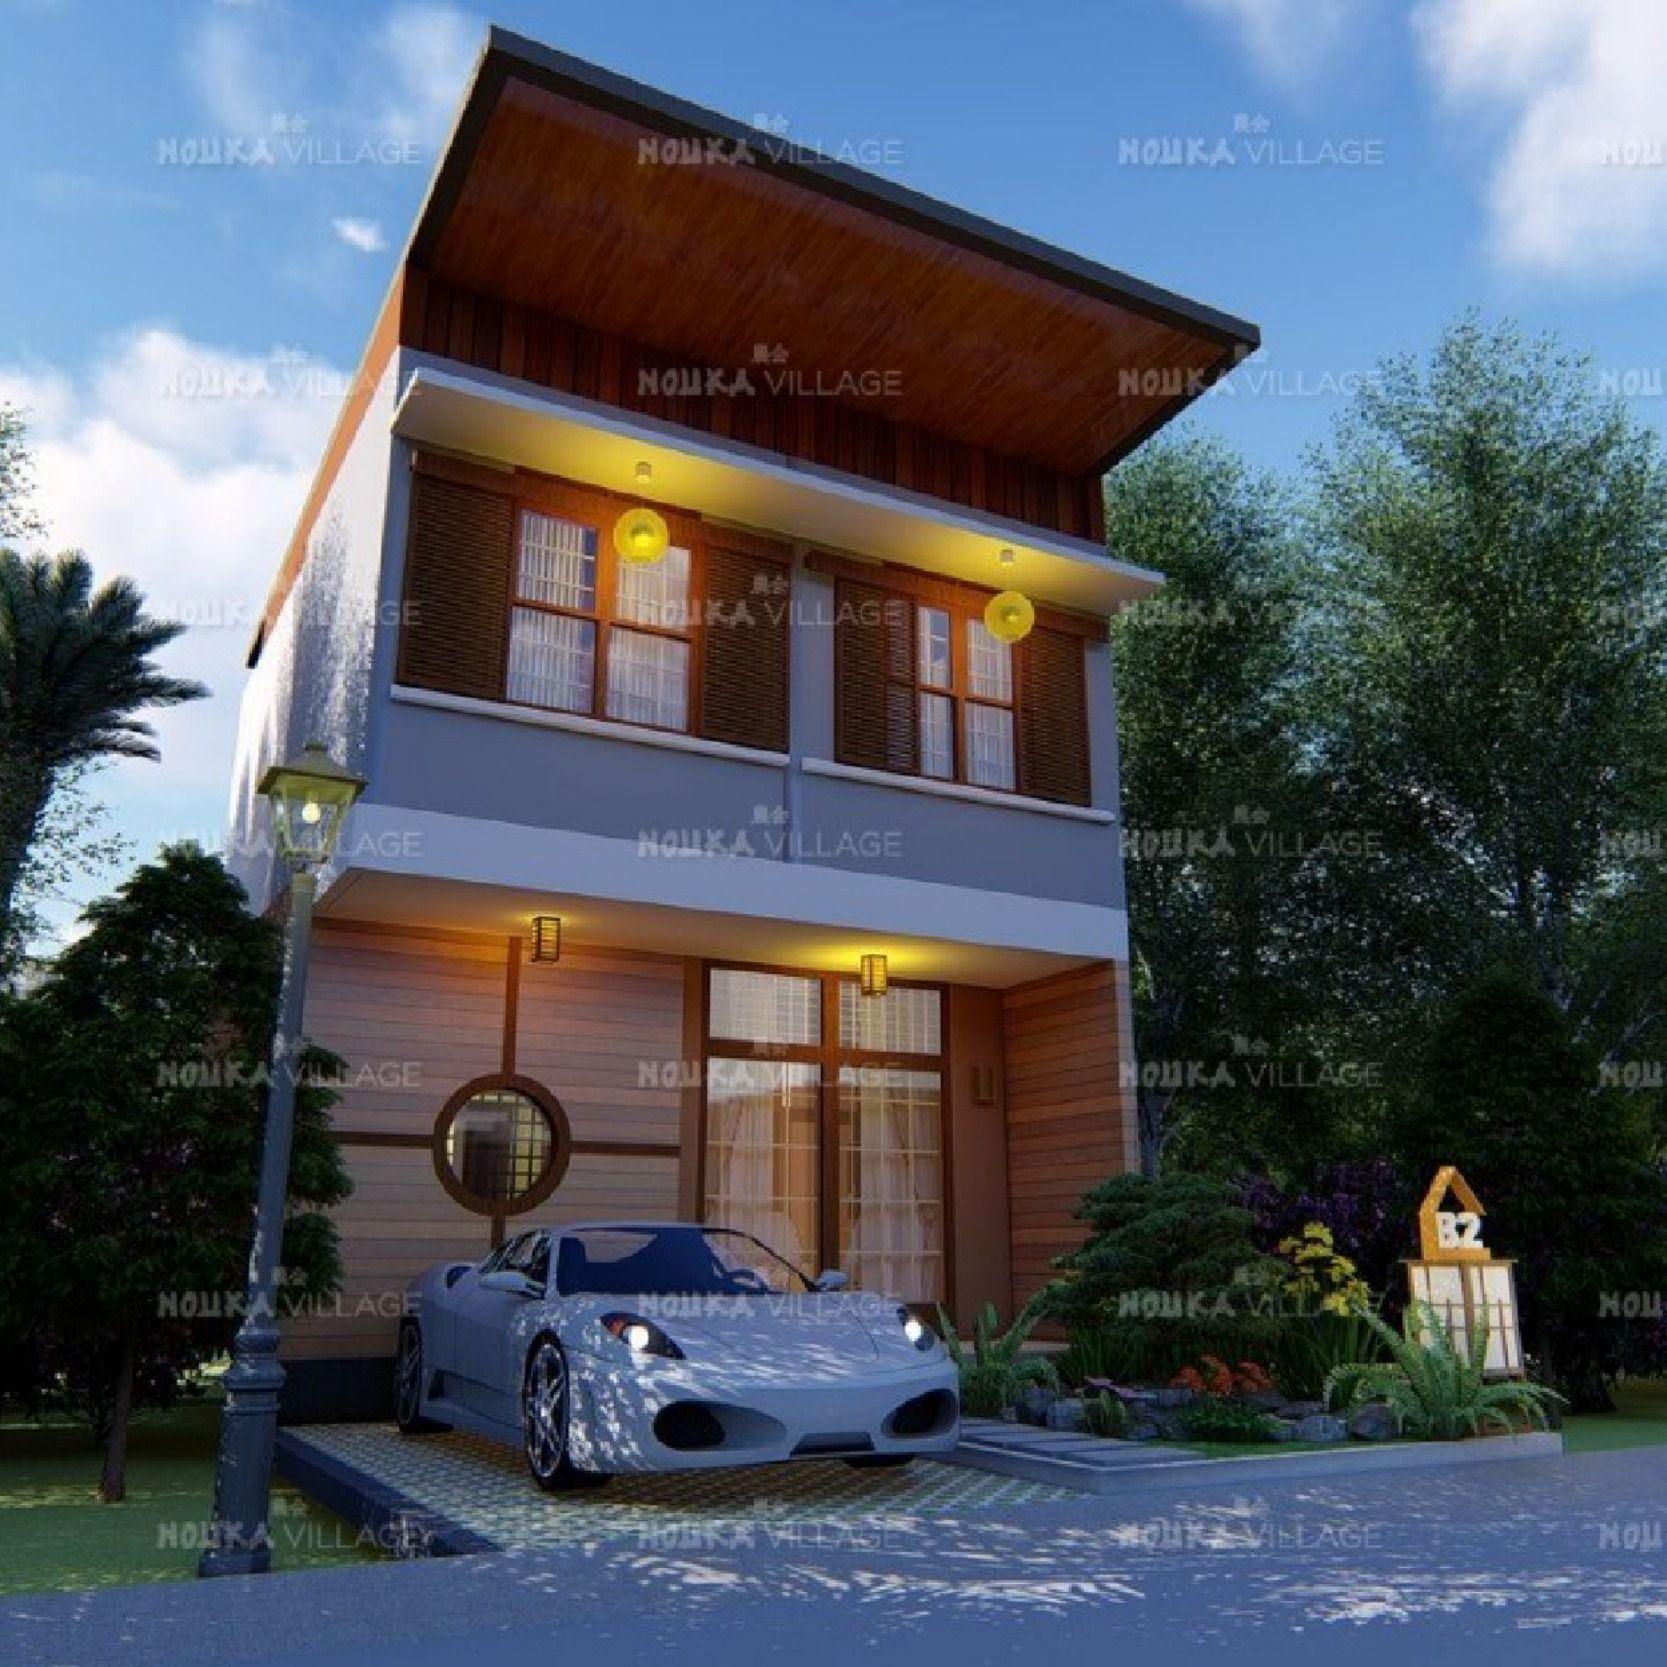 #properti #rumah #property #rumahminimalis #rumahmurah #investasi #rumahdijual #jualrumah #rumahidaman #rumahmewah #realestate #perumahan #jakarta #investasiproperti #propertiindonesia #rumahsyariah #jualrumahmurah #indonesia #rumahbaru #surabaya #apartemen #malang #propertisyariah #rumahminimalismodern #bandung #tanah #hunian #rumahsurabaya #rumahsurabayabarat #bhfyp